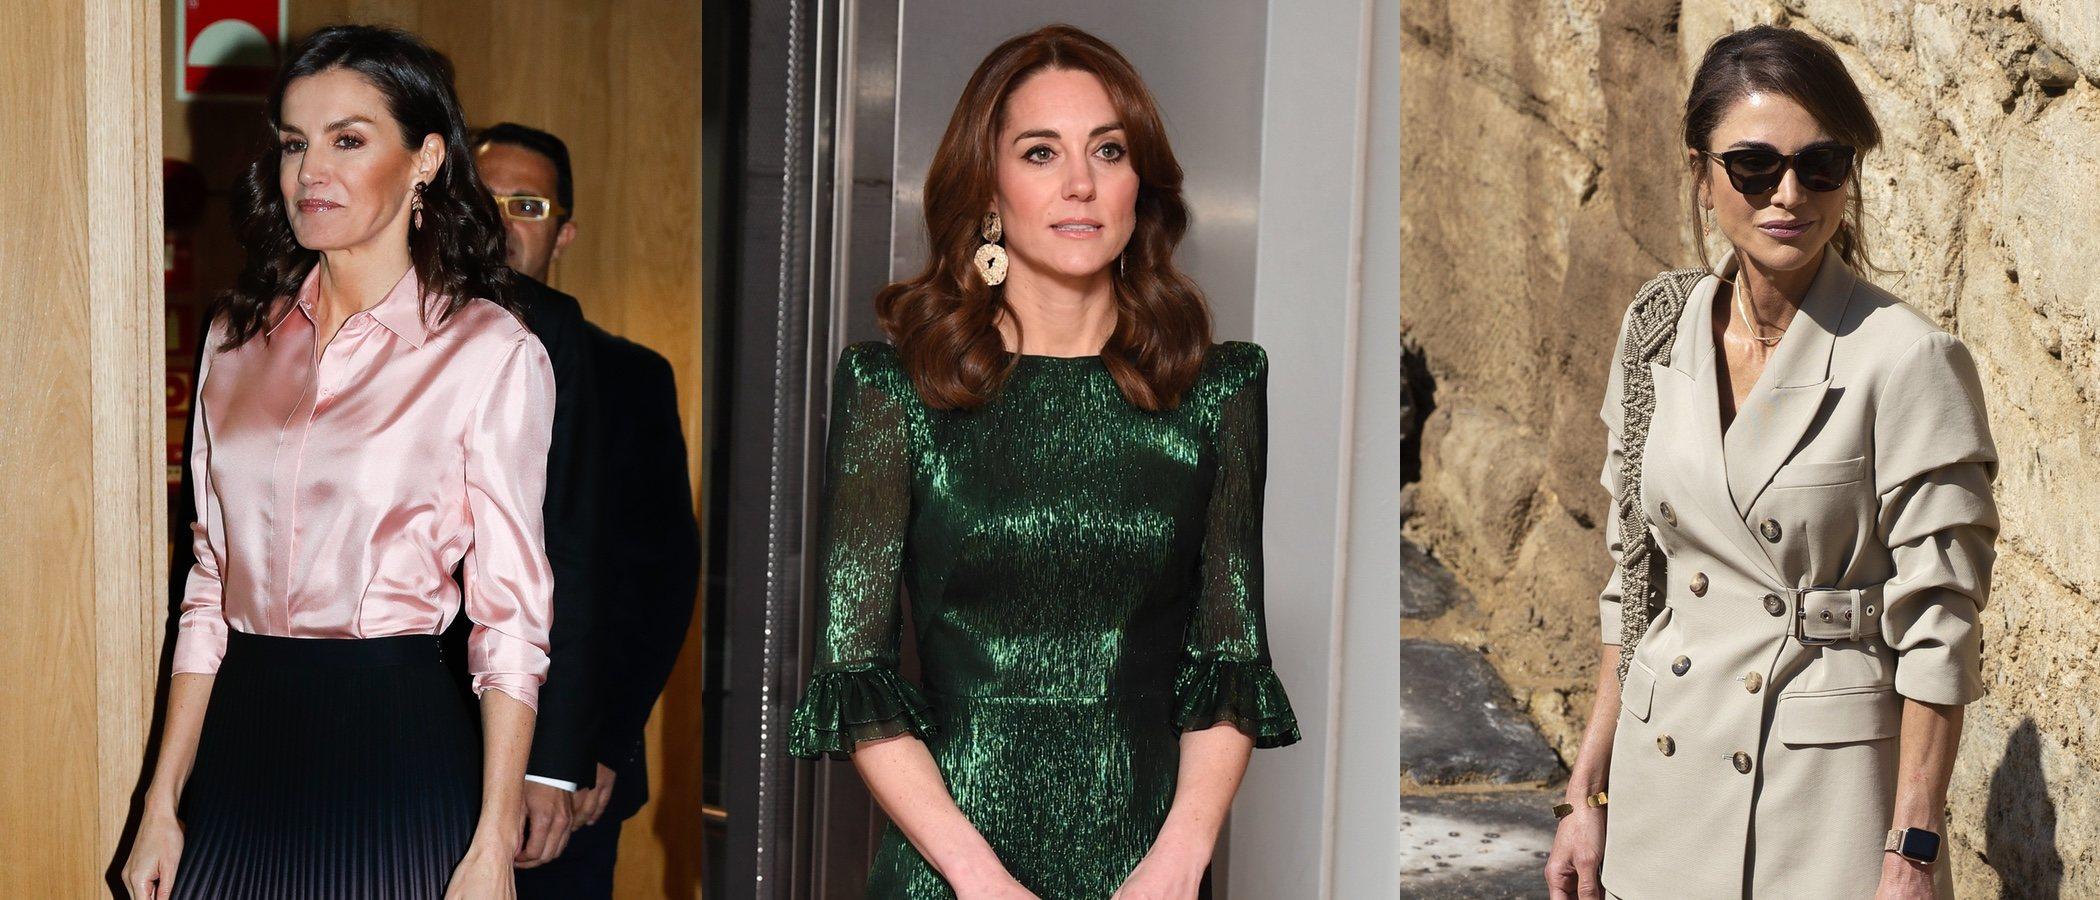 La Reina Letizia, Kate Middleton y Rania de Jordania, las mejor vestidas de la semana